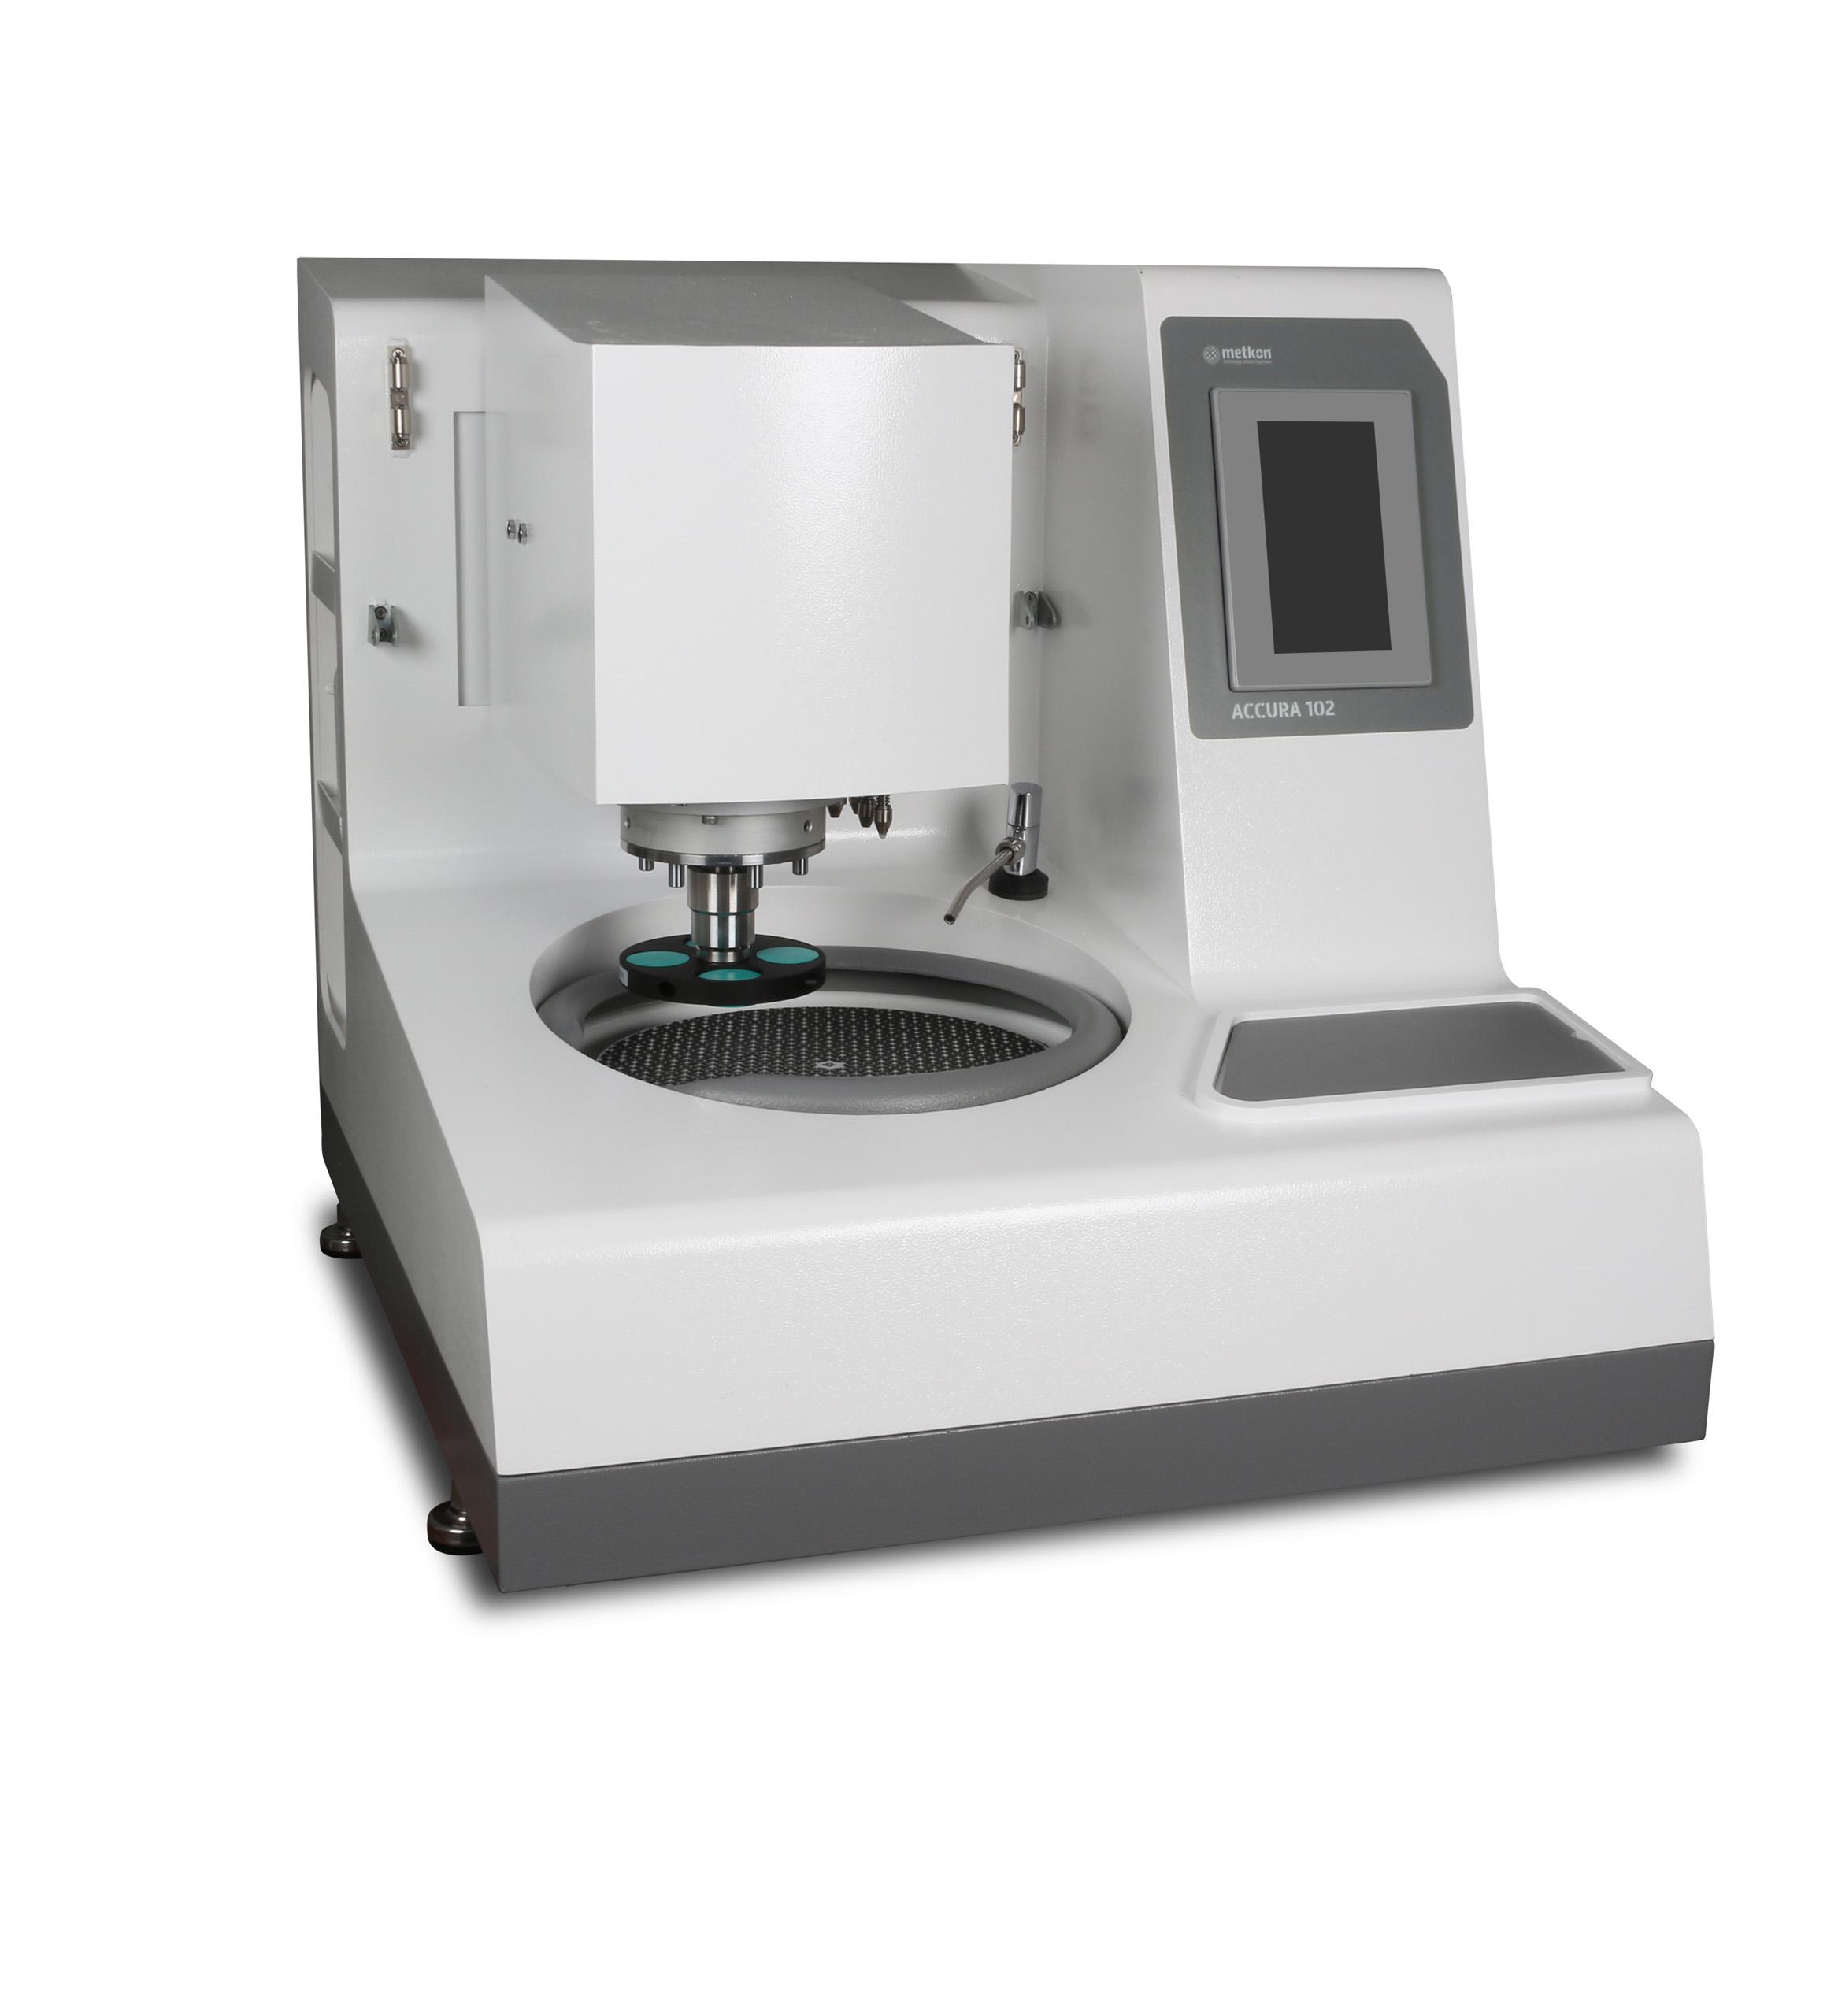 Accura 102 professzionális automata csiszoló-polírozó gép